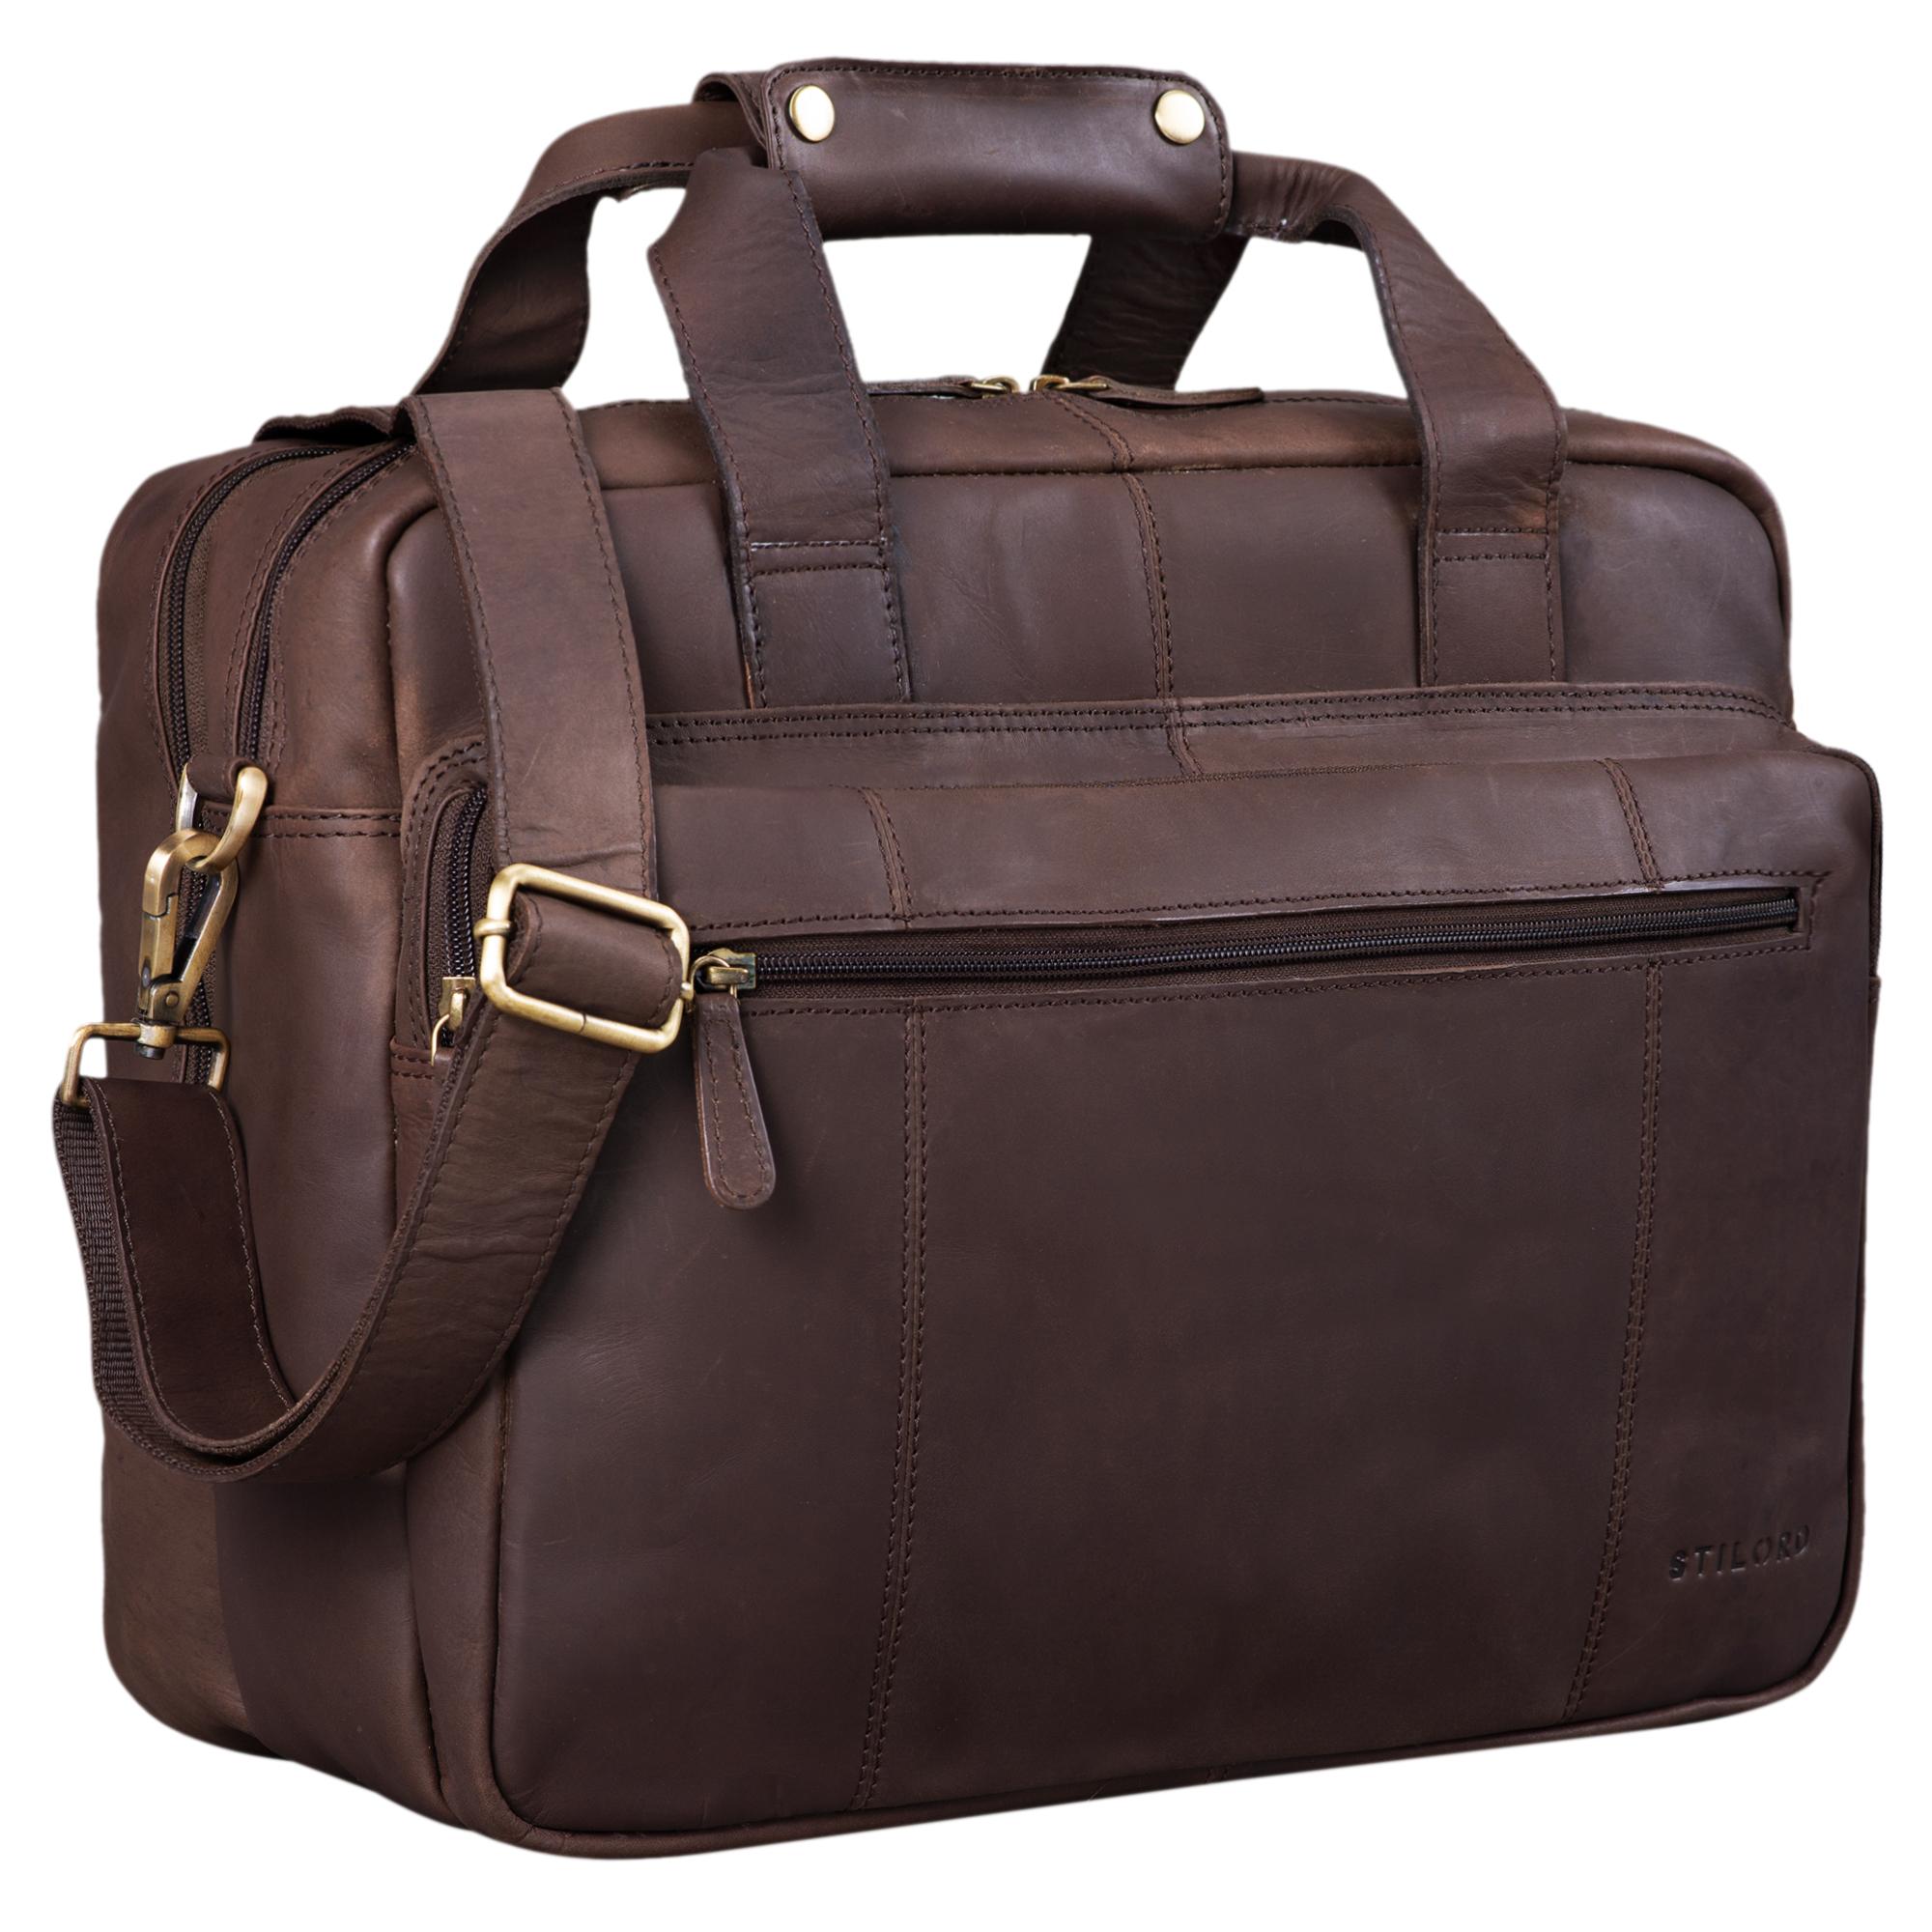 """STILORD """"Experience"""" Vintage Lehrertasche Leder groß für Herren Damen XL Aktentasche Business Schulter- oder Umhängetasche für Laptop Trolley aufsteckbar - Bild 8"""